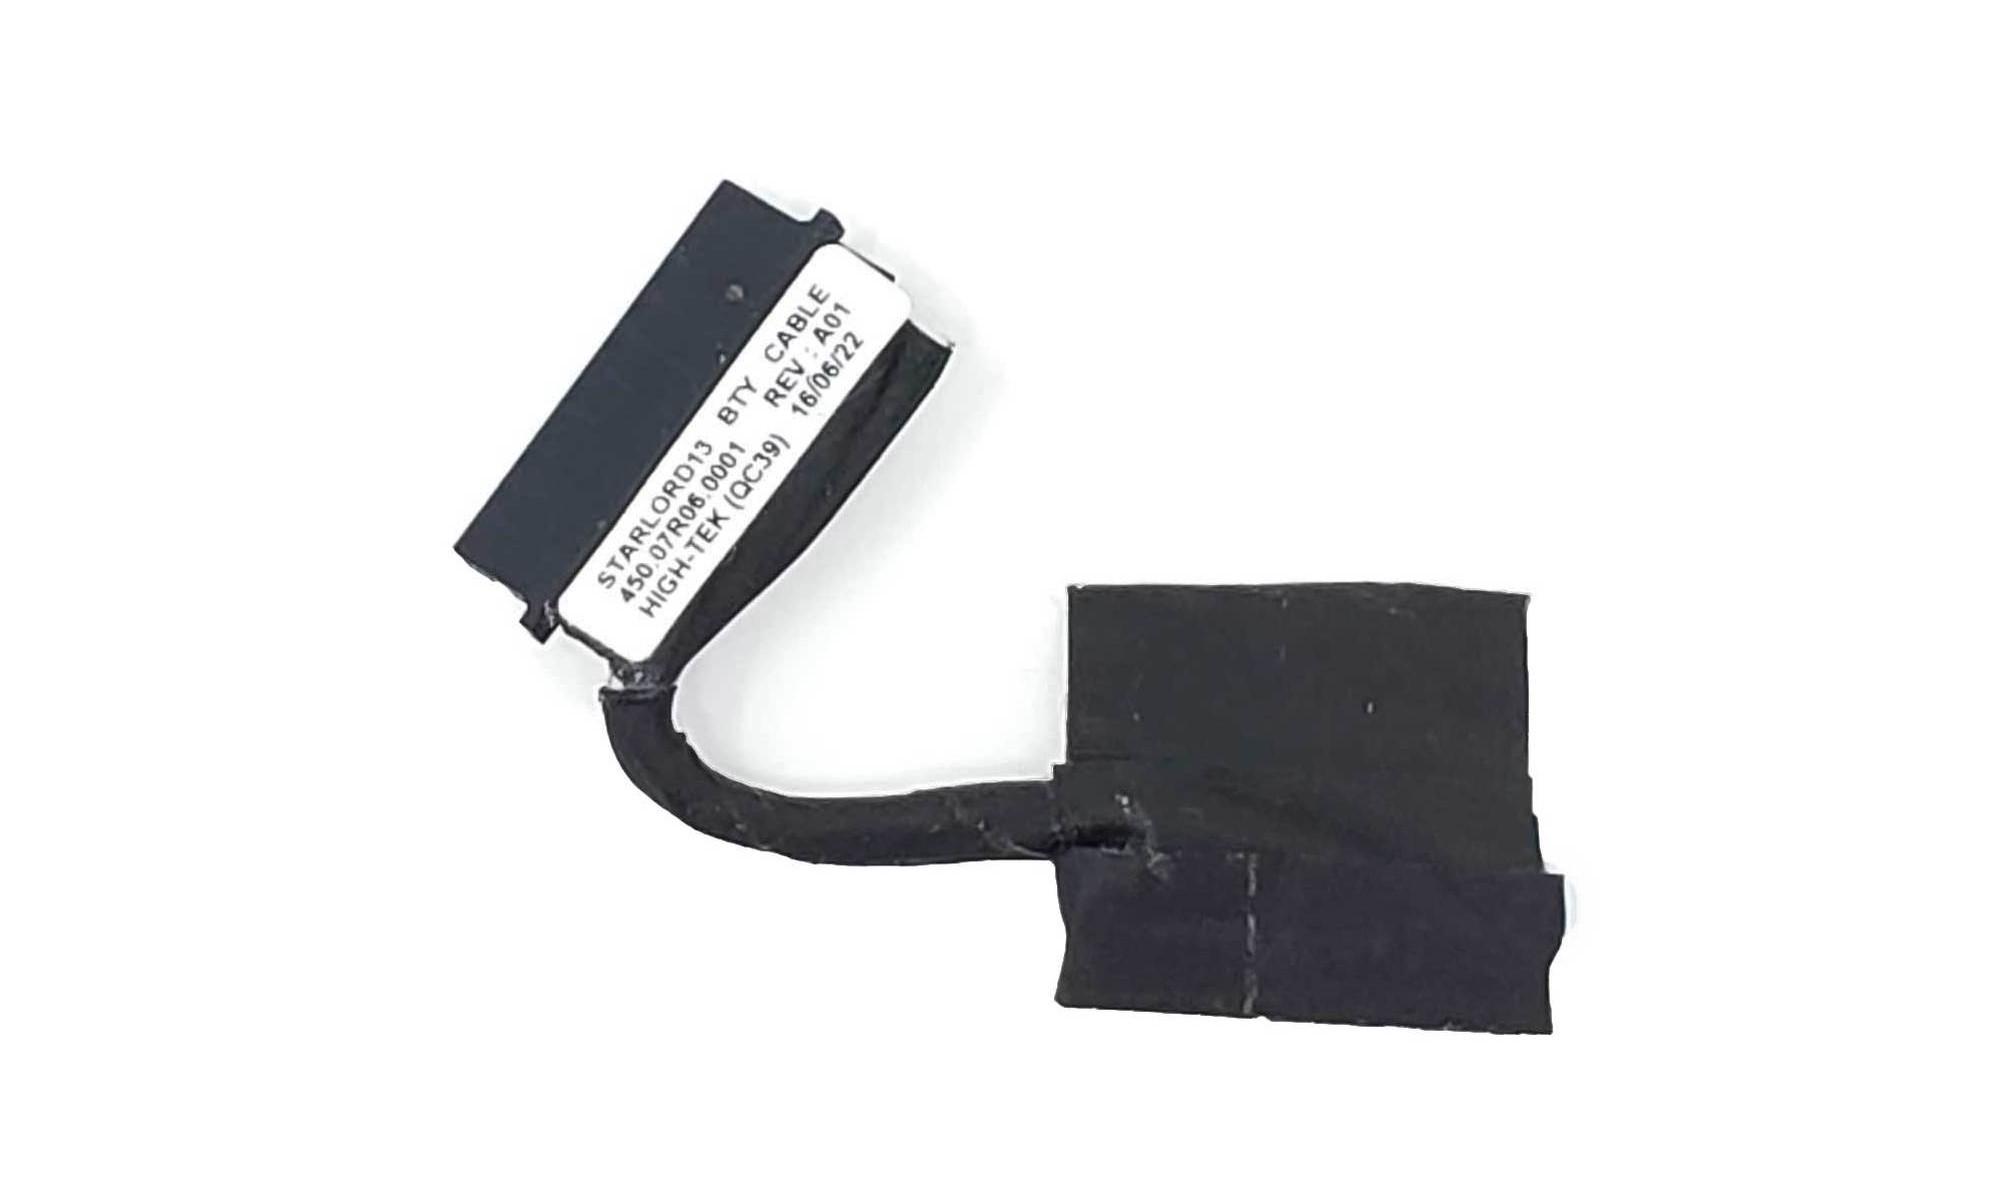 Cablu conectare baterie Dell Inspiron 15 7570, 7580, Inspiron 13 5368 2-in-1, 5378 2-in-1, 5379 2-in-1, Inspiron 15 5568 2-in-1, 5578 2-in-1, 5579 2-in-1, 7569 2-in-1, 7579 2-in-1, 7778 2-in-1, 7779 2-in-1, Latitude 3390 2-in-1, model 711P3